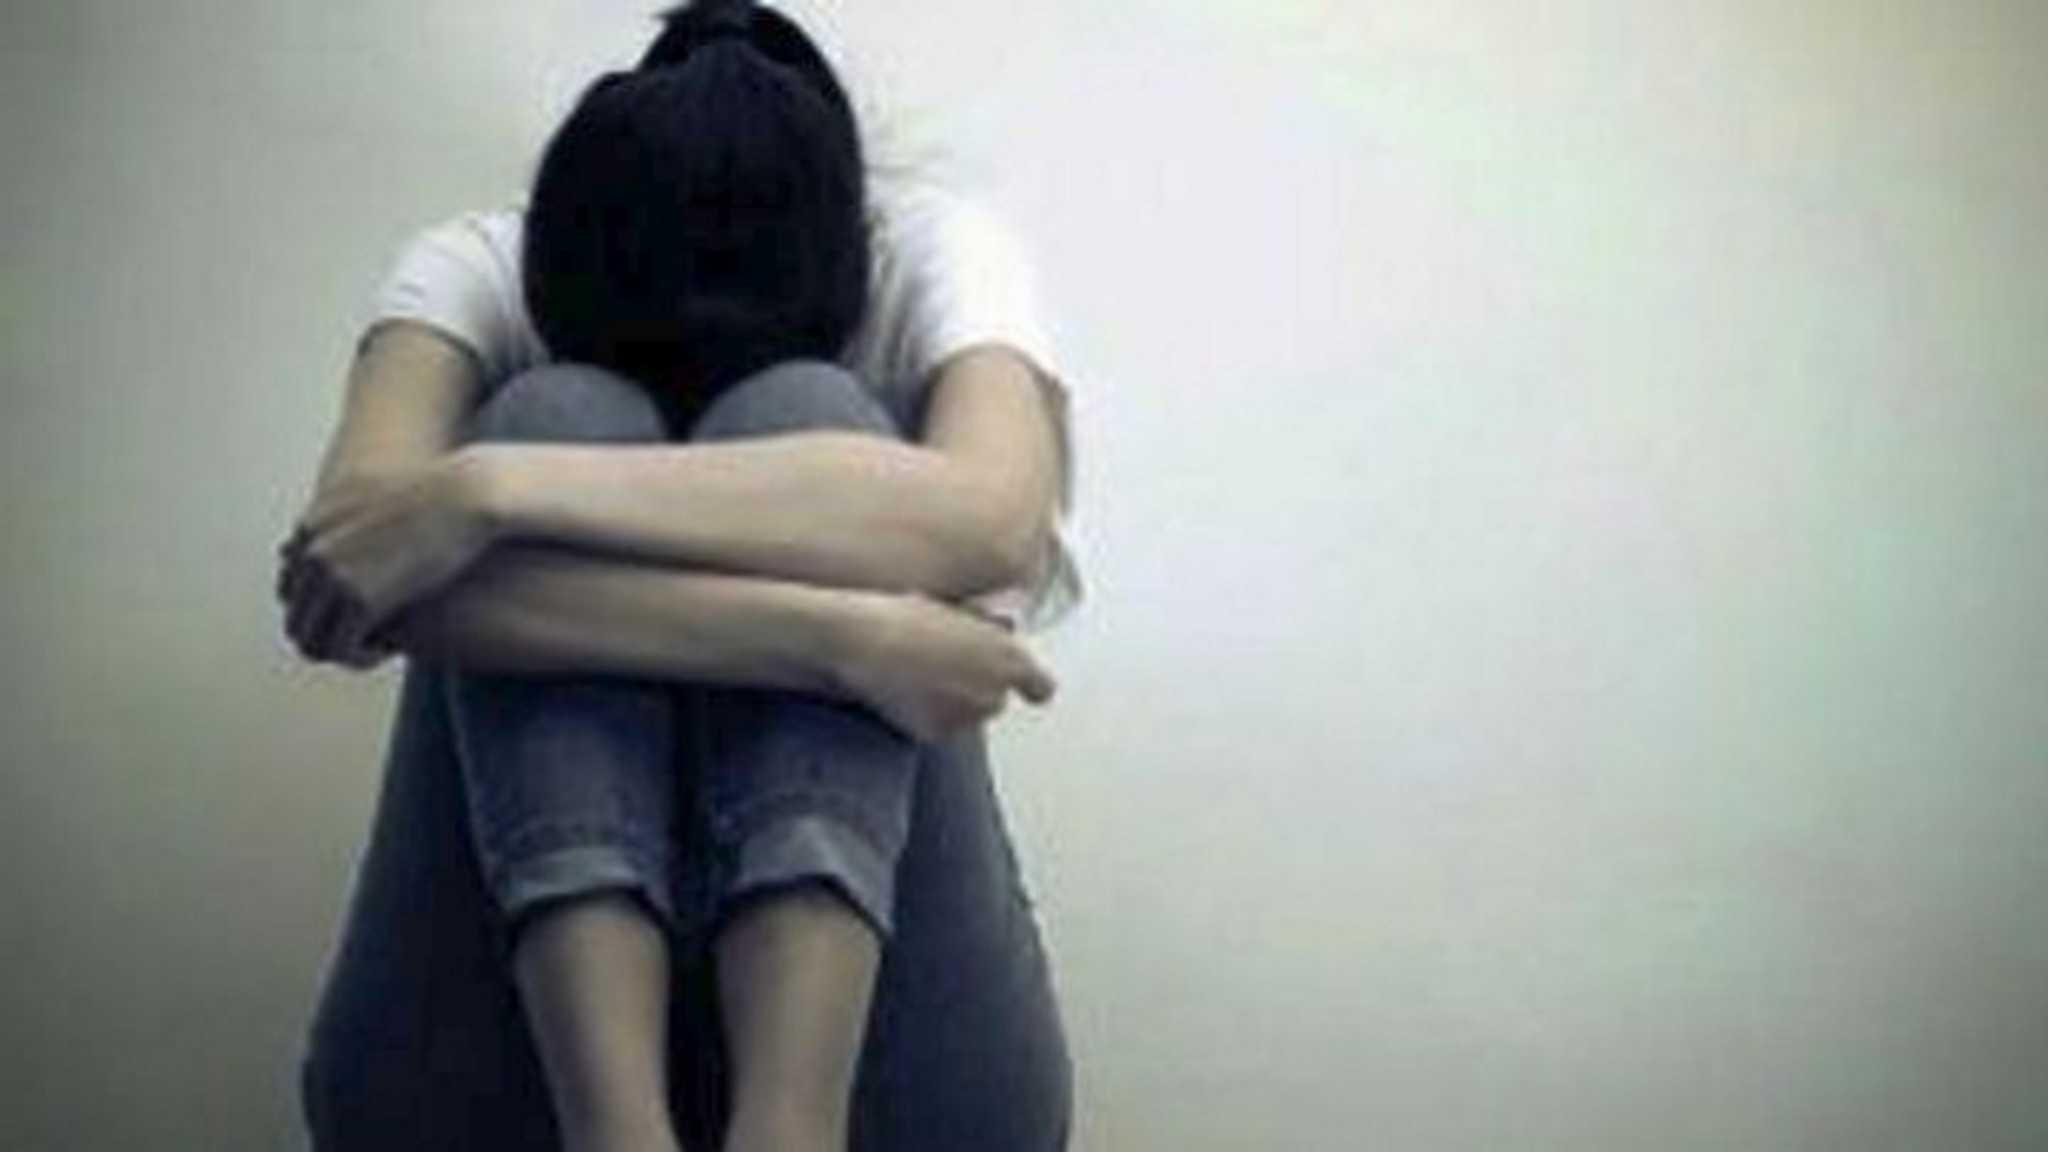 Ρόδος: Το φρικτό σχέδιο πίσω από την κακοποίηση της 8χρονης – Η επίσκεψη παγίδα στη μητέρα της μικρής